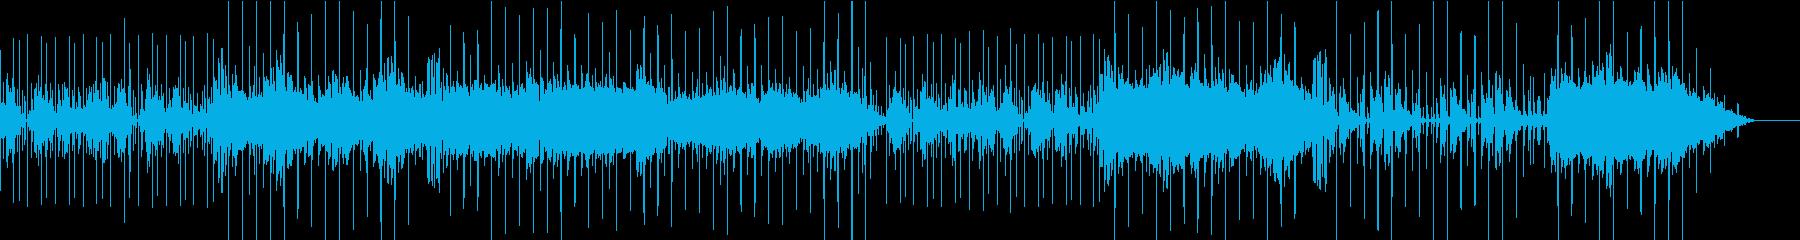 幻想的なゆったりカフェミュージックの再生済みの波形